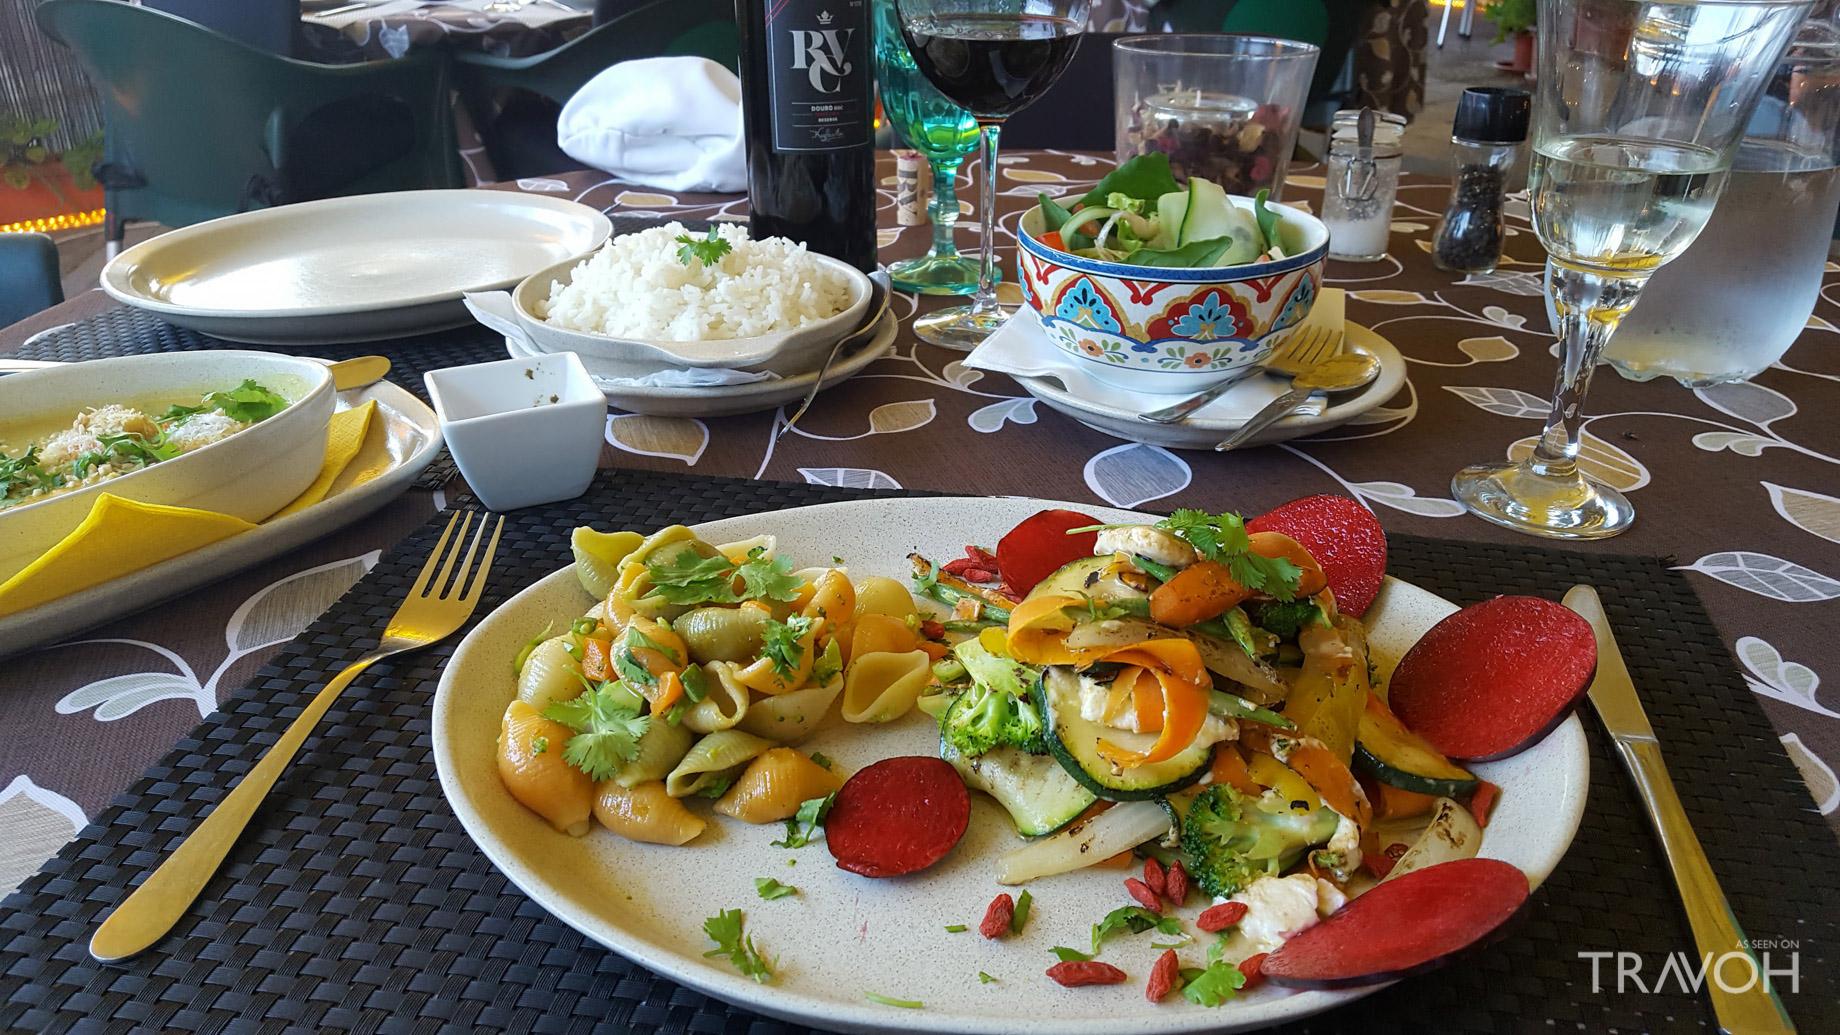 Oliveira Dourada Restaurant - 8125 arzinha, Rua do Mar 135T, Arzinha, Portugal